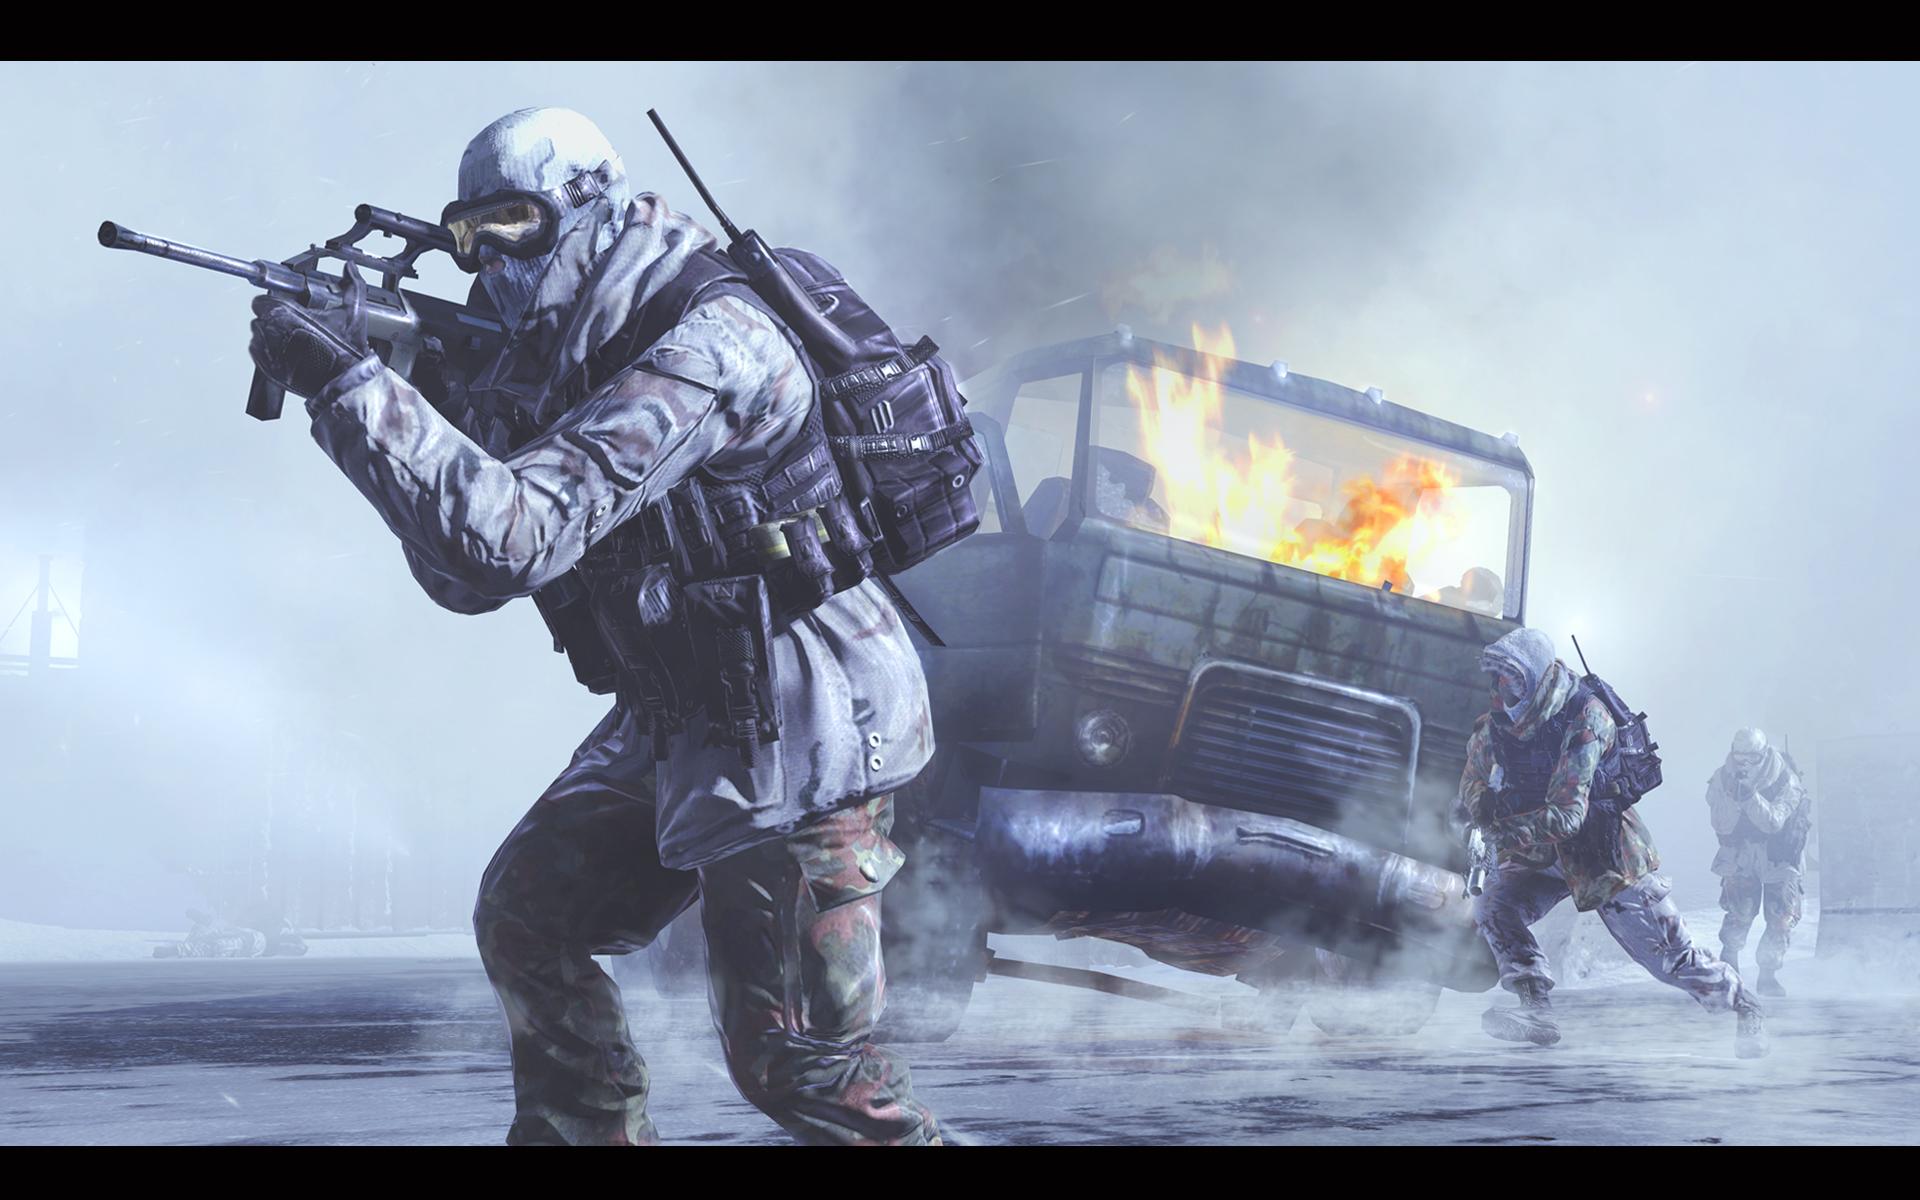 Call Of Duty Modern Warfare 2 Wallpaper Video Games Blogger